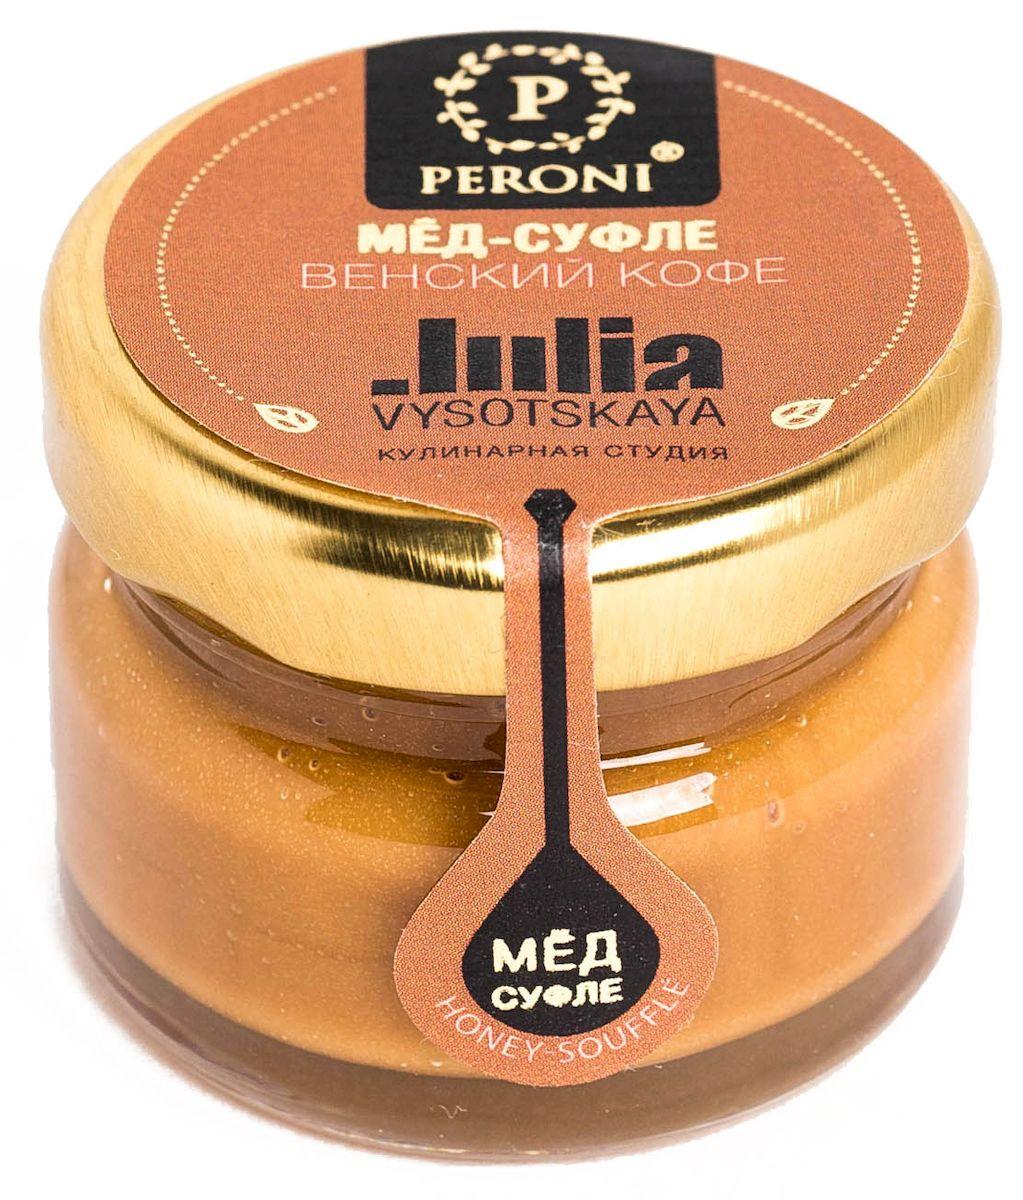 Peroni Венский кофе мёд-суфле, 30 гJV3-1Здесь соединилась терпкость свежеобжаренных зерен эспрессо и медовая нежность, как и в известном на весь мир Венском кофе с нежной пенкой. Его можно использовать как топинг в десертах или как самостоятельное лакомство. Для получения меда-суфле используются специальные технологии. Мёд долго вымешивается при определенной скорости, после чего его выдерживают при температуре 12-14 градусов по Цельсию, тем самым закрепляя его нужную консистенцию. Все полезные свойства меда при этом сохраняются.Целебные сорта мёда. Статья OZON Гид